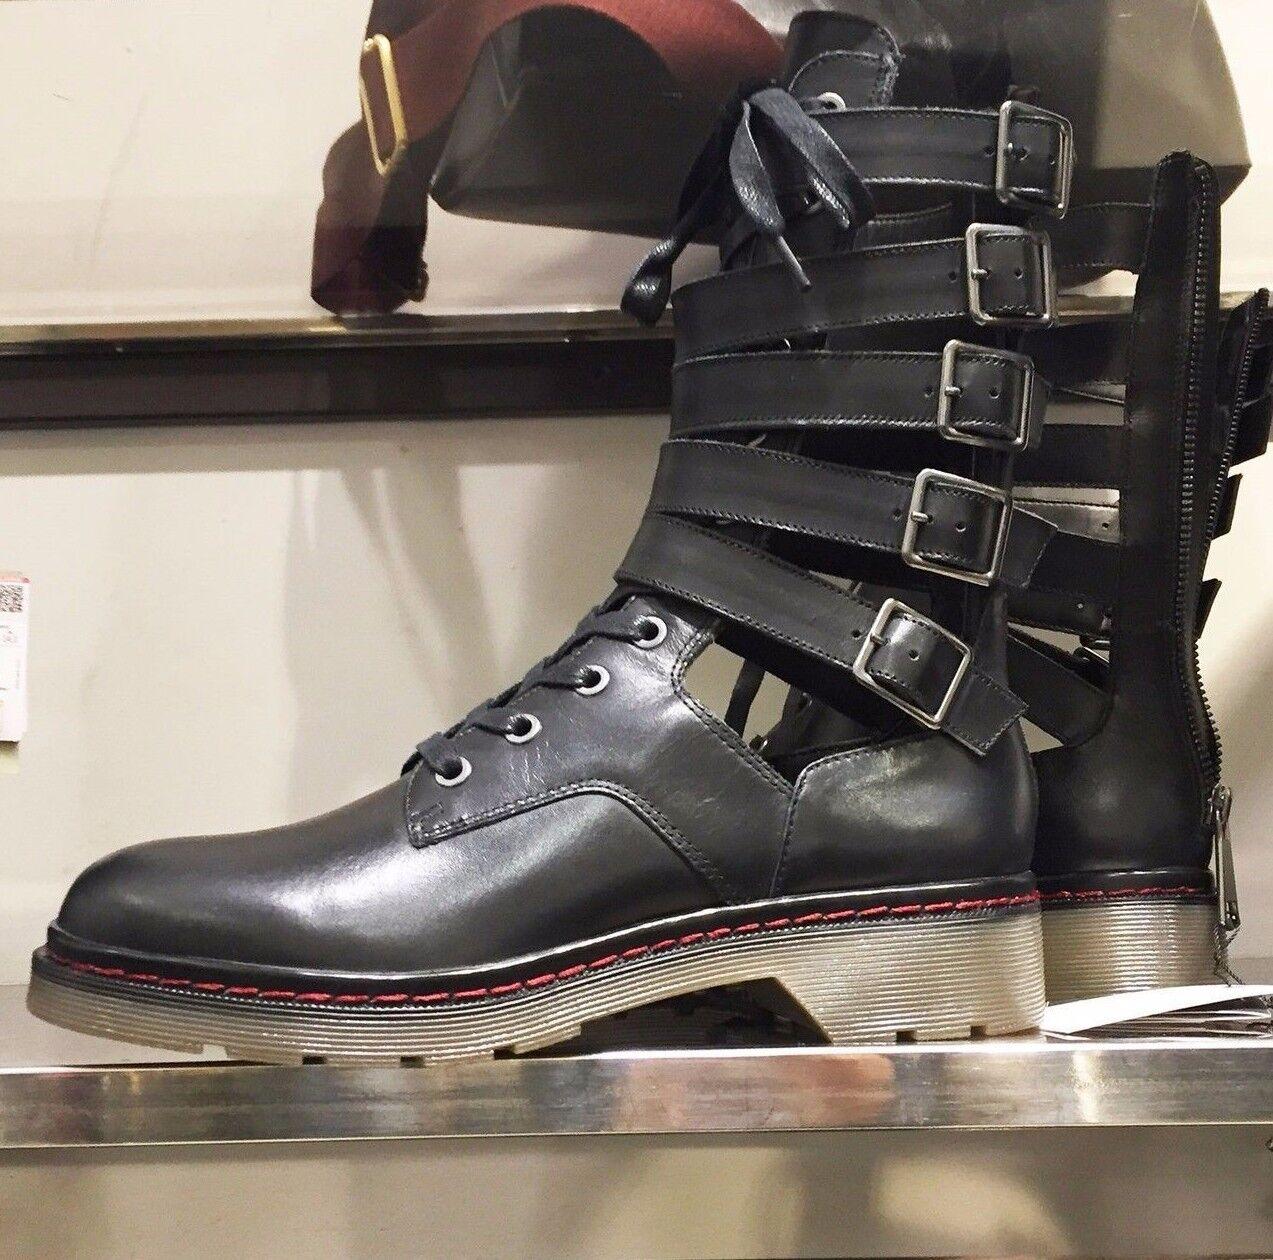 Zara Cuero Negro Militar botas botas botas al Tobillo Con Correas Y Hebillas De 37 4 1150 201 BNWT  precio mas barato